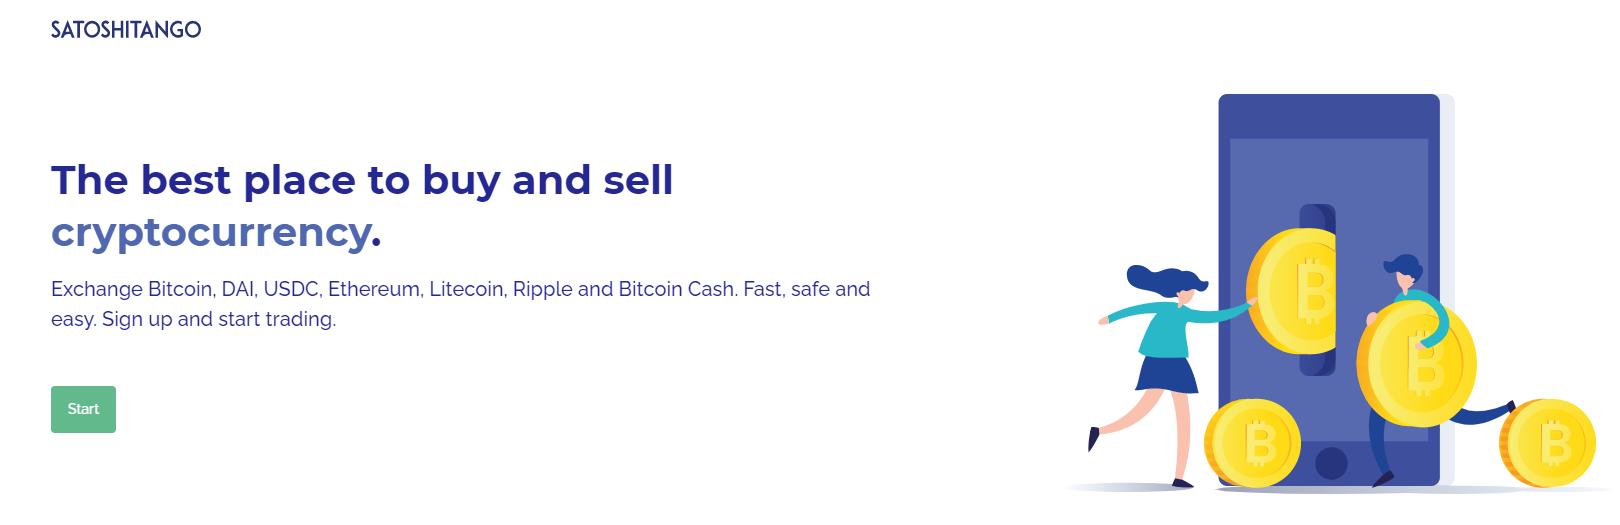 SatoshiTango Buy and Sell Crypto